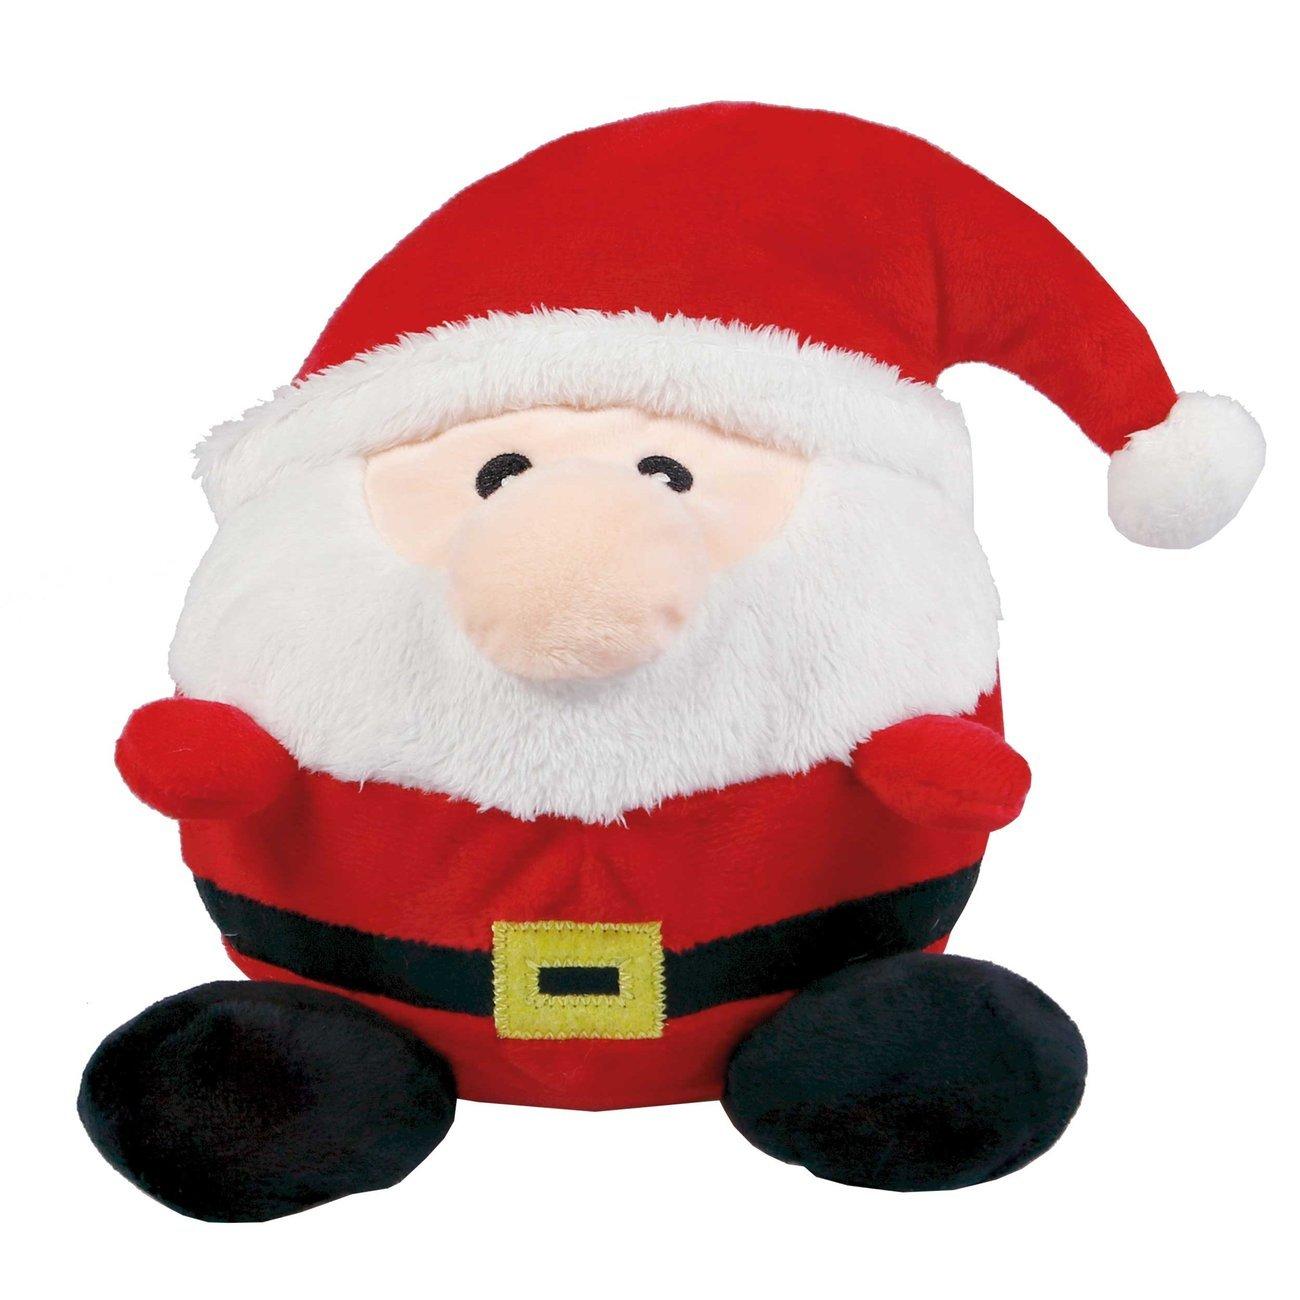 Wolters Plüschball Weihnachtsmann, 23 cm